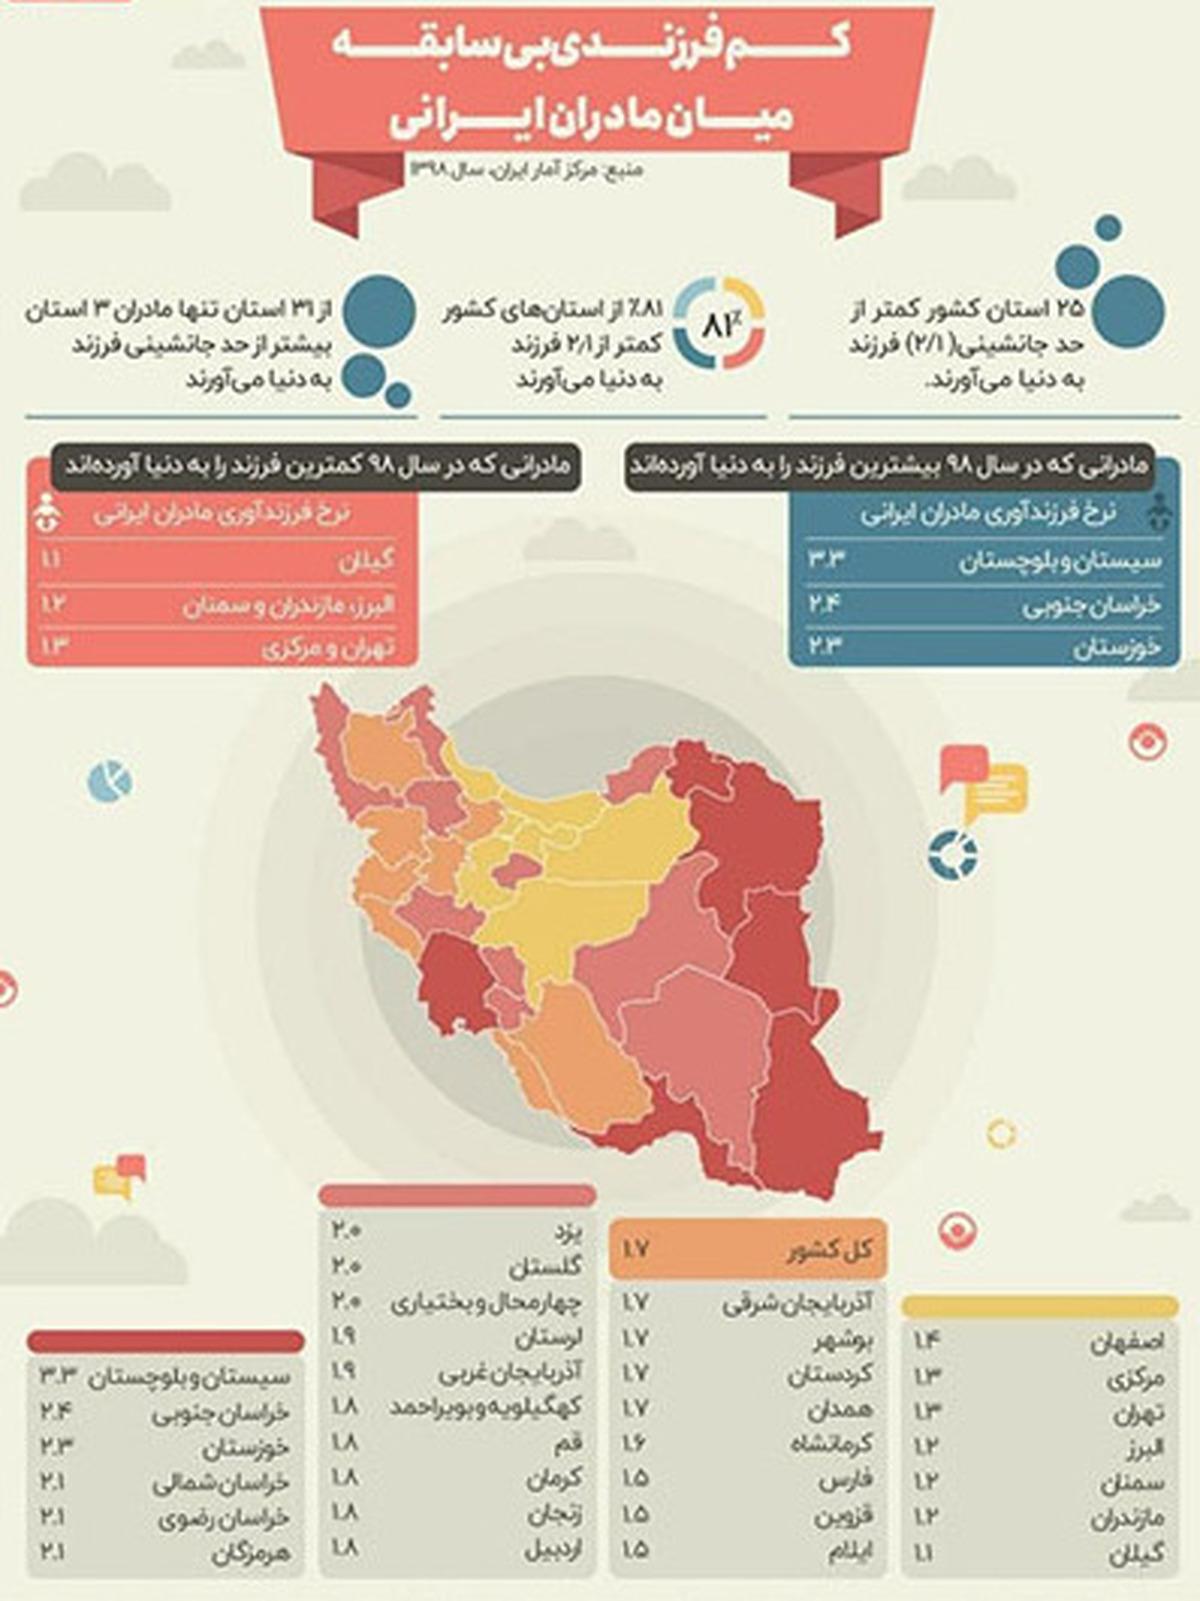 آمار  تولد بیش از دو فرزند در ایران کاهش داشته است  میانگین آمار تولد فرزند در ایران